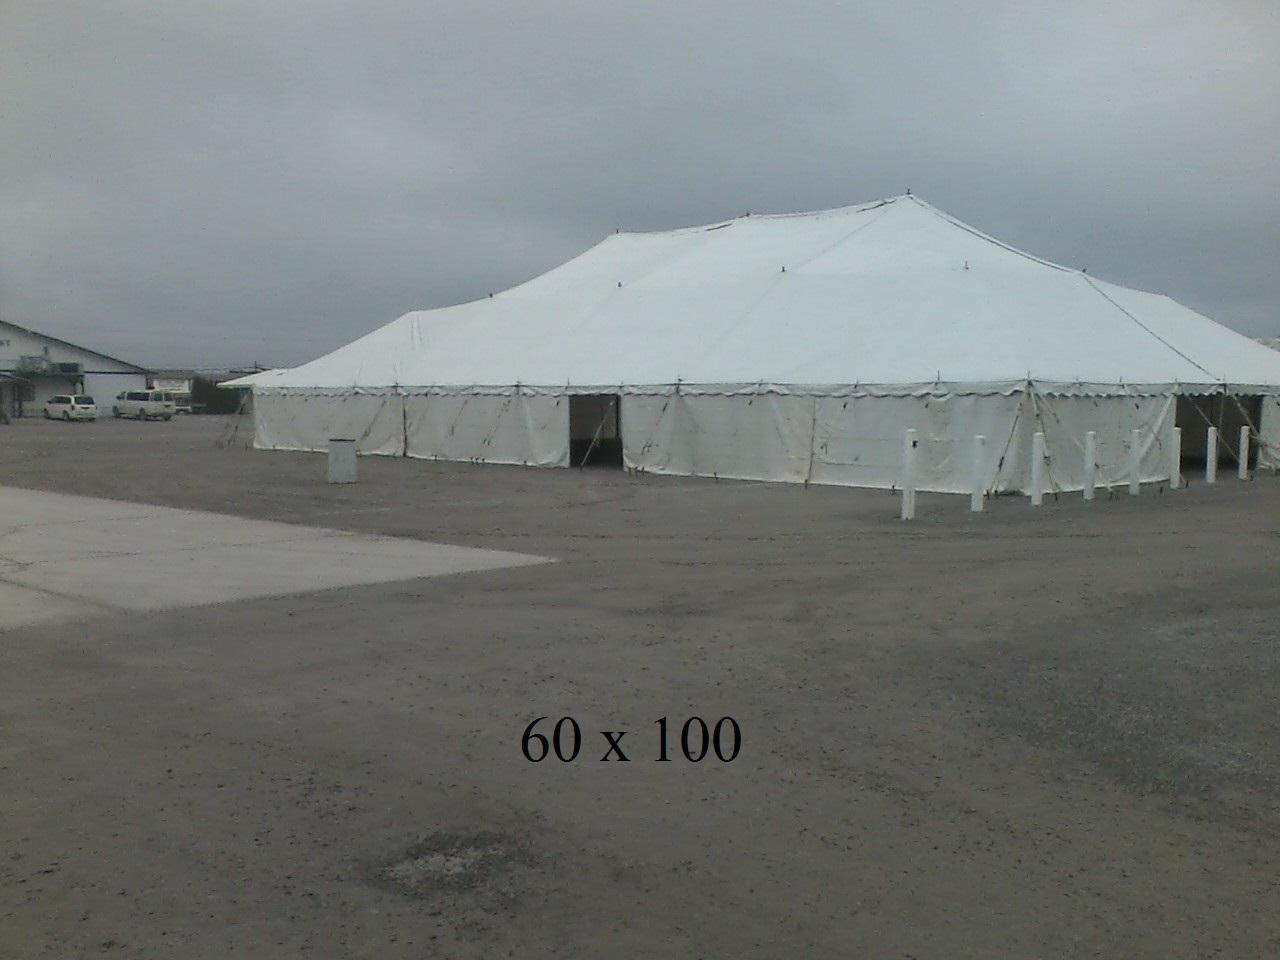 60 215 100 Tent Rentals In Elkhart County New Paris Tent Rentals